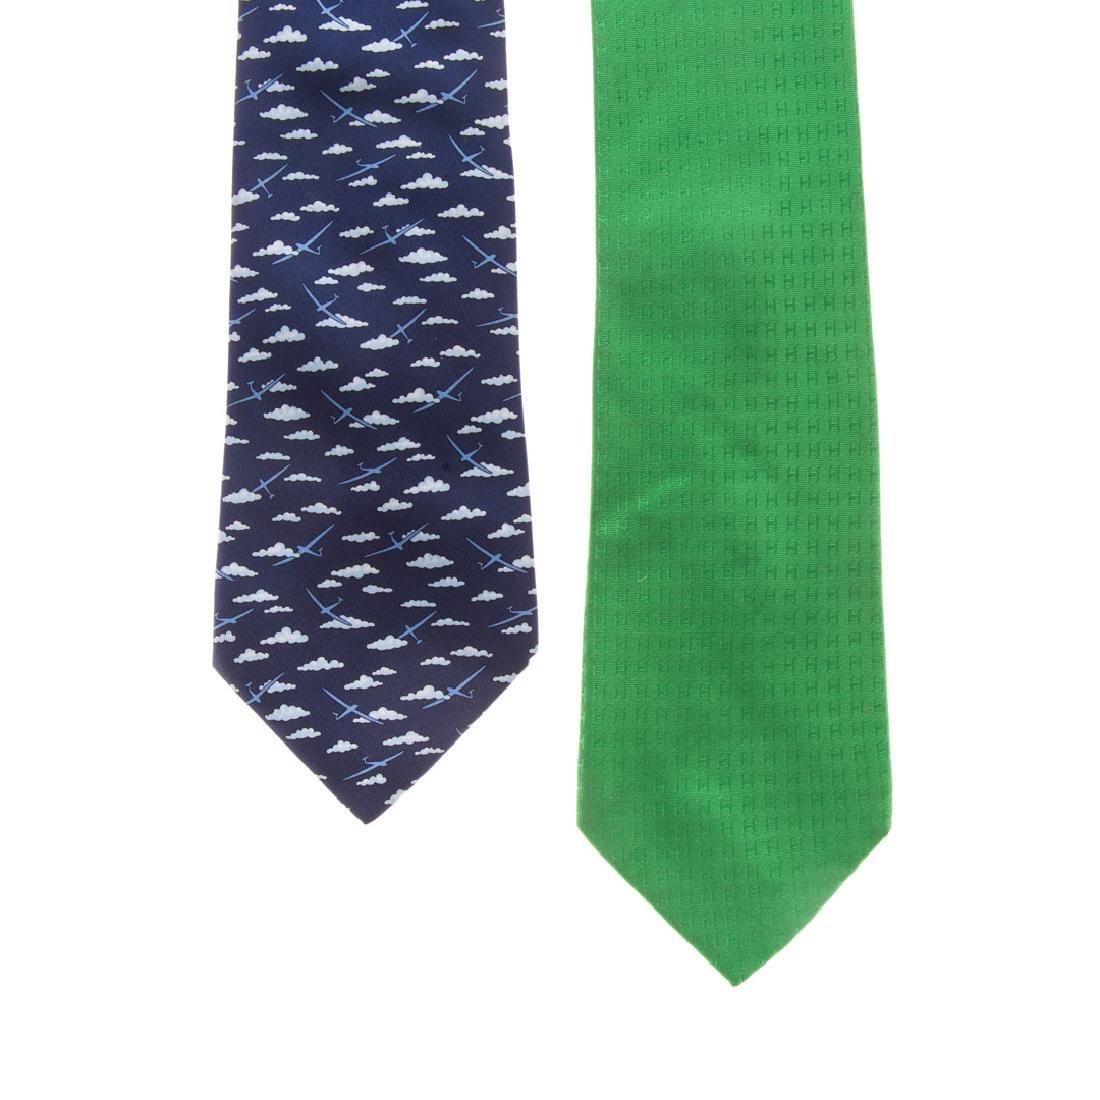 """Hermès """"Faconnee H"""" Tie & """"Glider Airplane"""" Tie"""